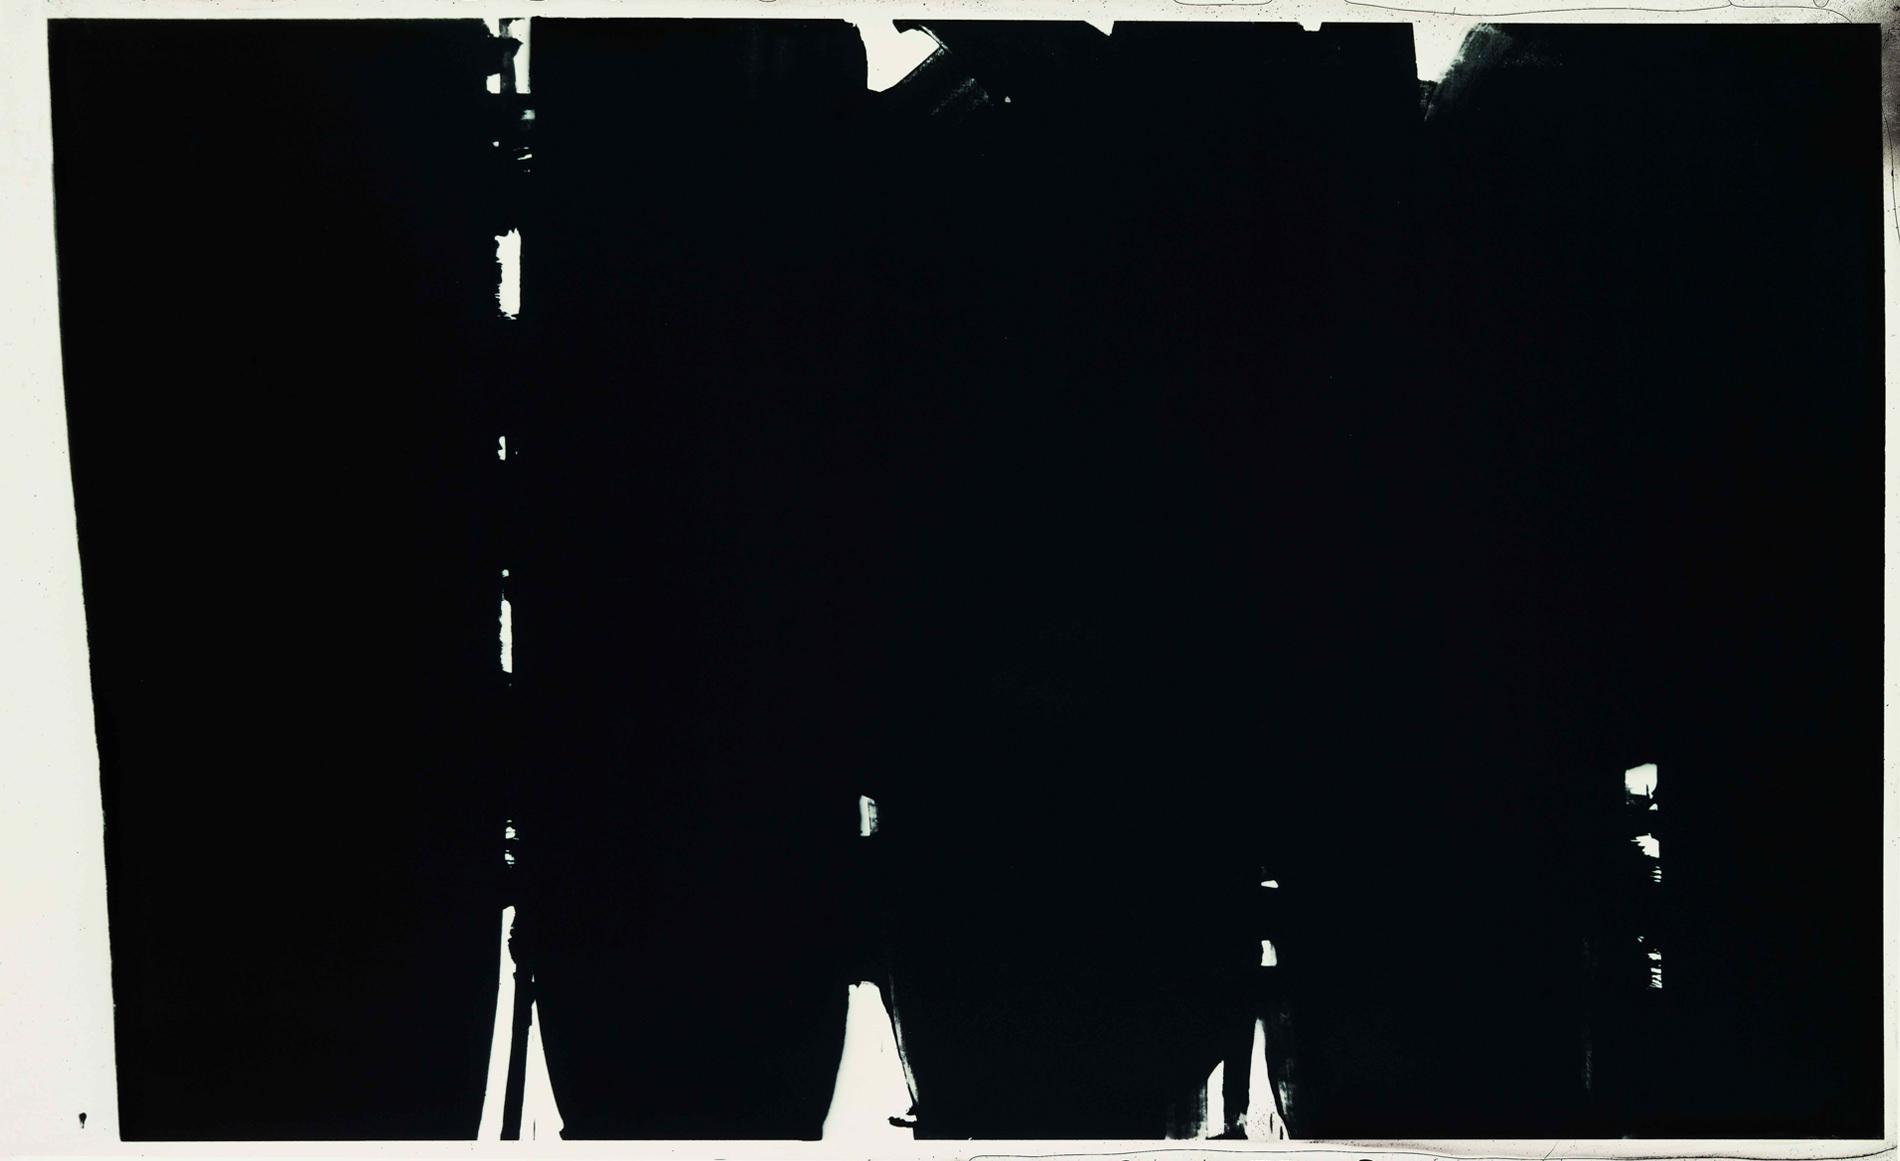 Pierre Soulages Peinture 220 x 366, 14 Mai 1968